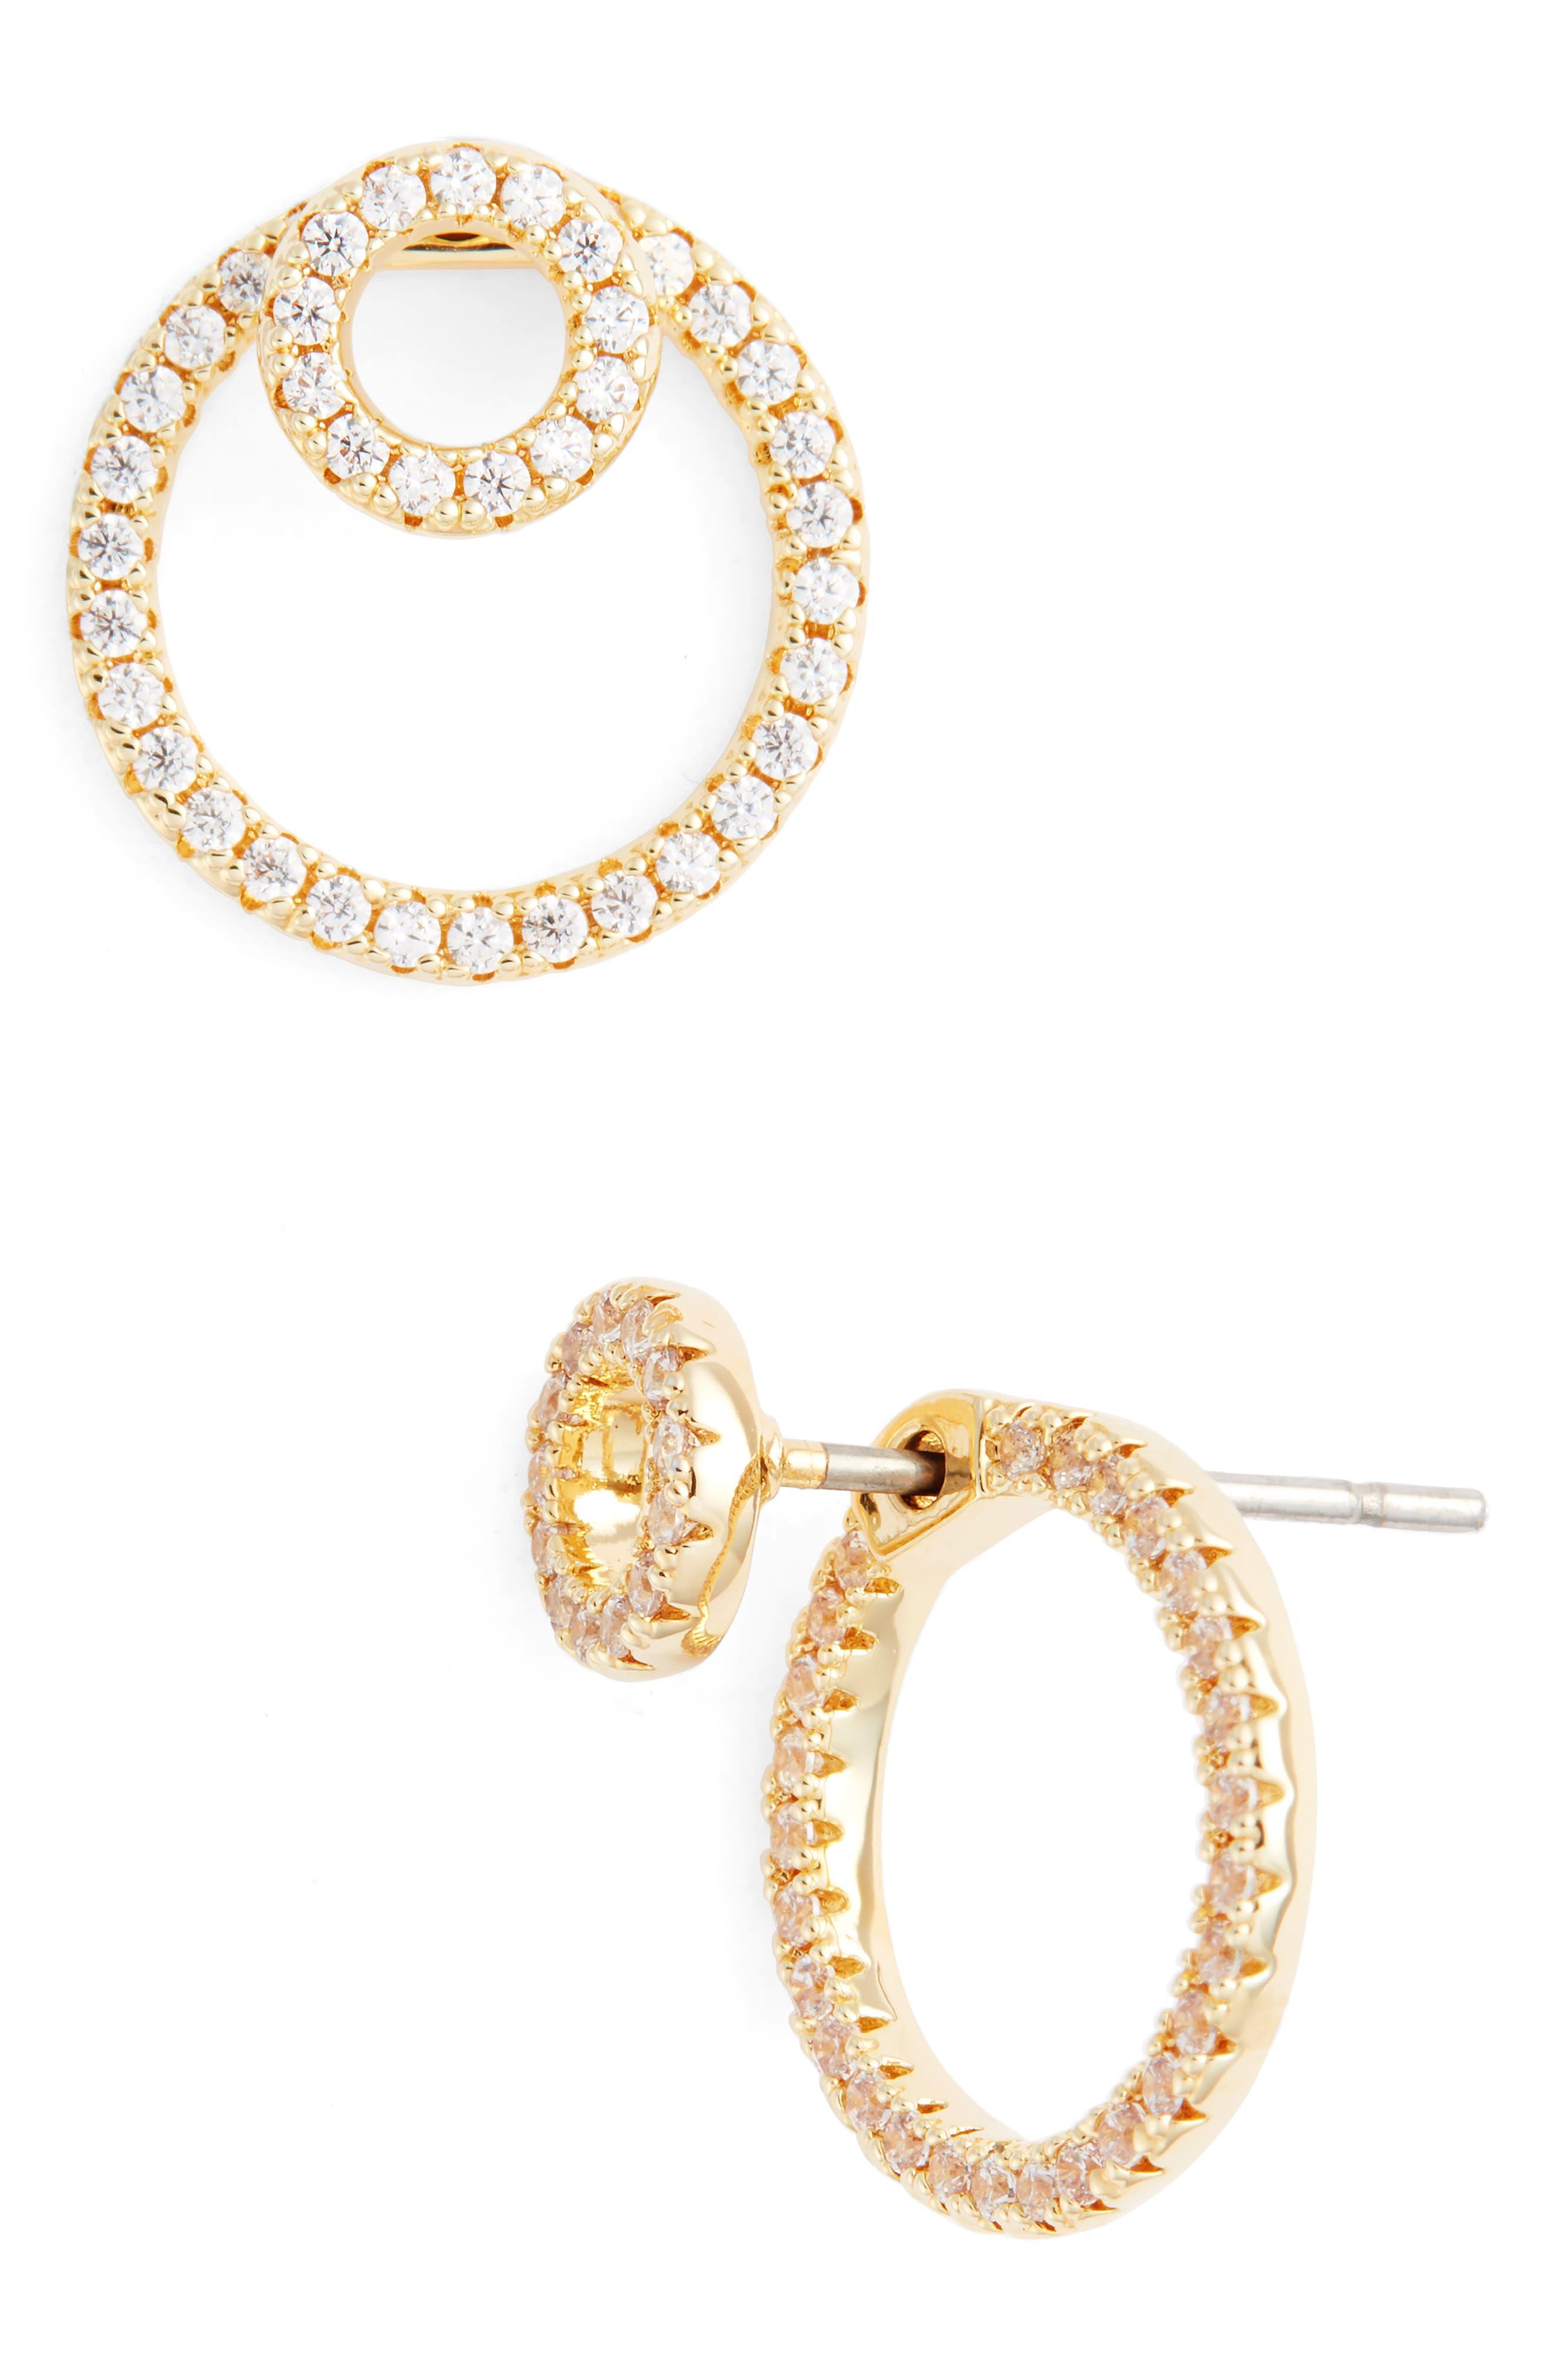 Pavé Double Hoop Earrings,                             Main thumbnail 1, color,                             710